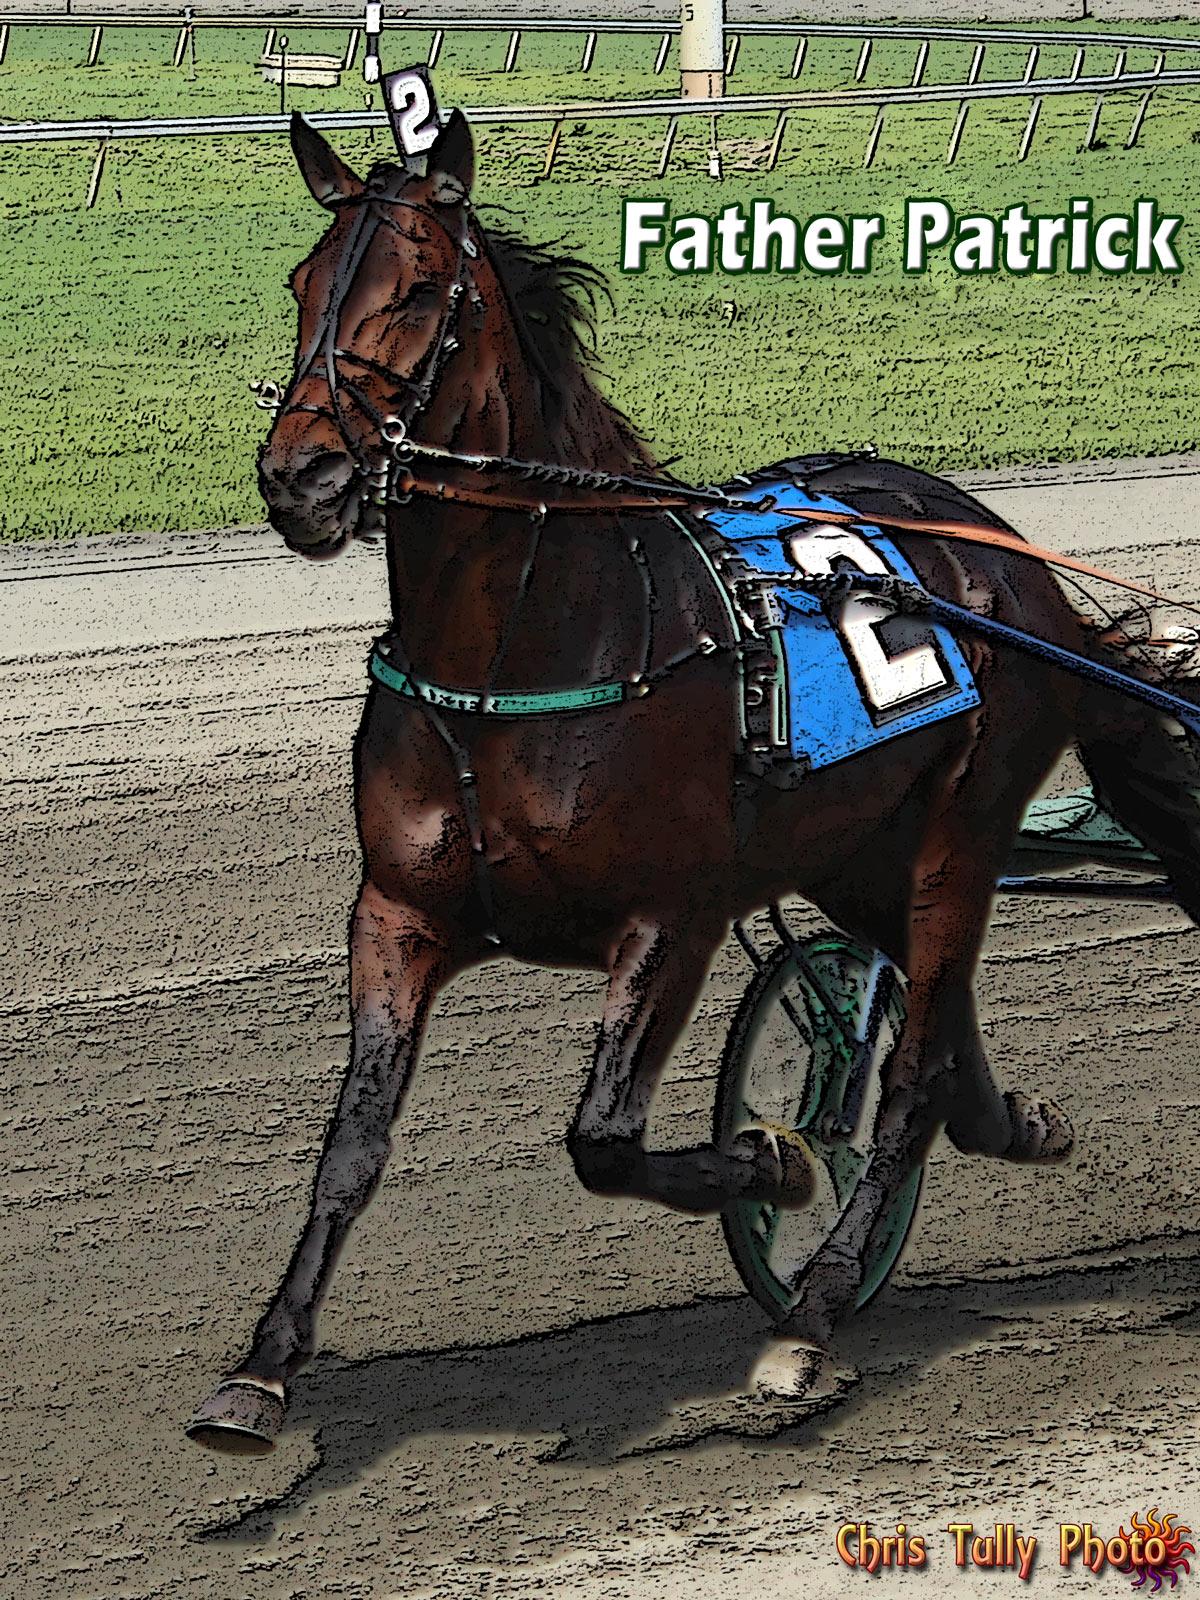 FatherPatrick-10May14Q-M1-w